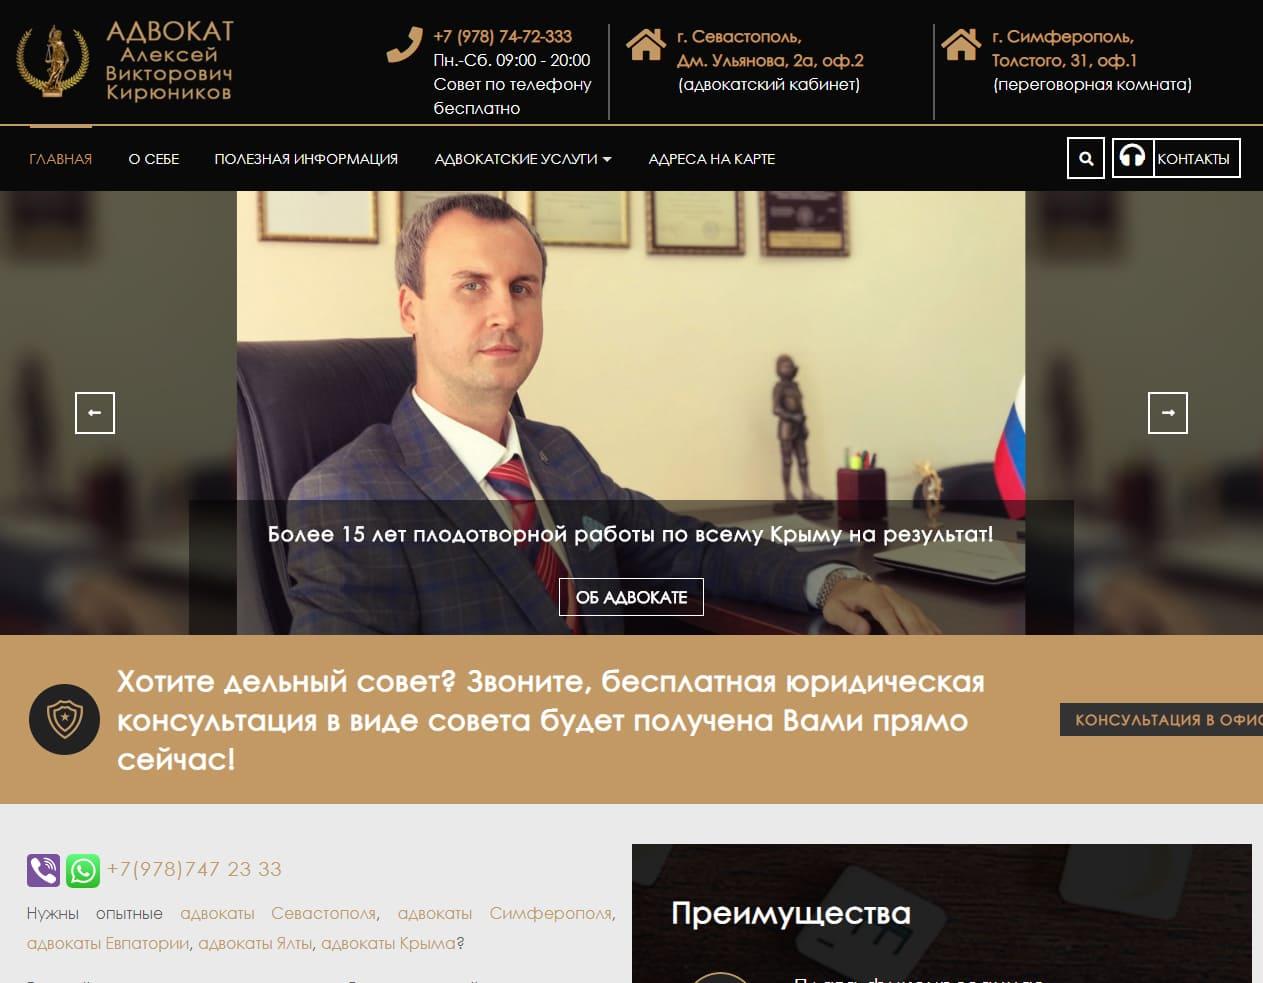 Сайт визитка: Адвокат